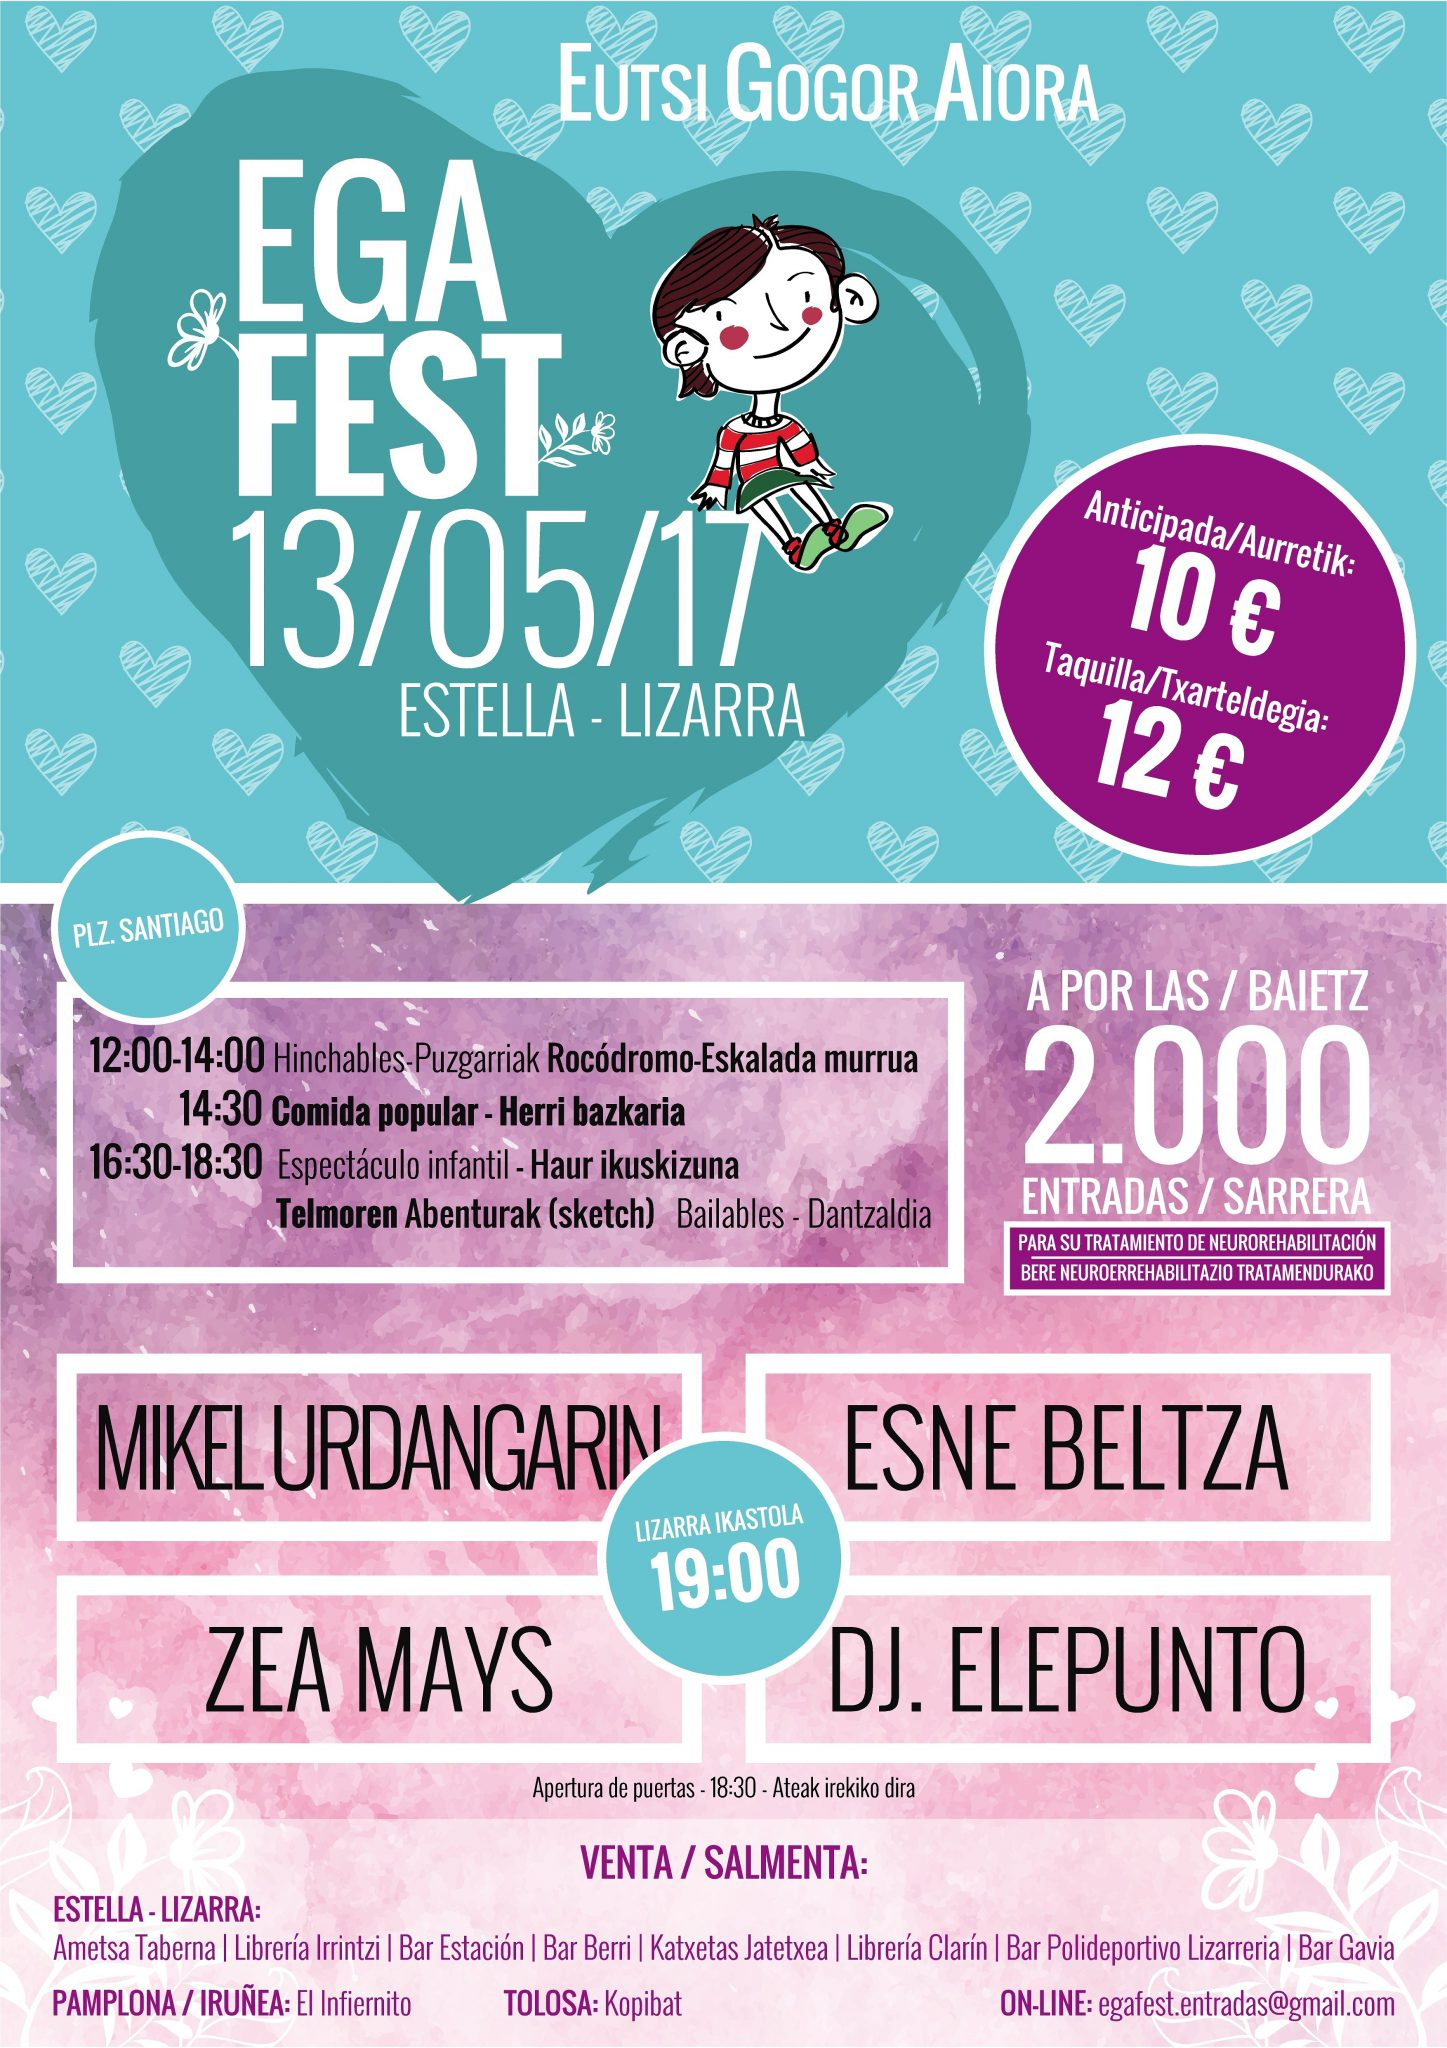 """EGAfest """"Eutsi Gogor Aiora"""" @ Lizarra Ikastola"""